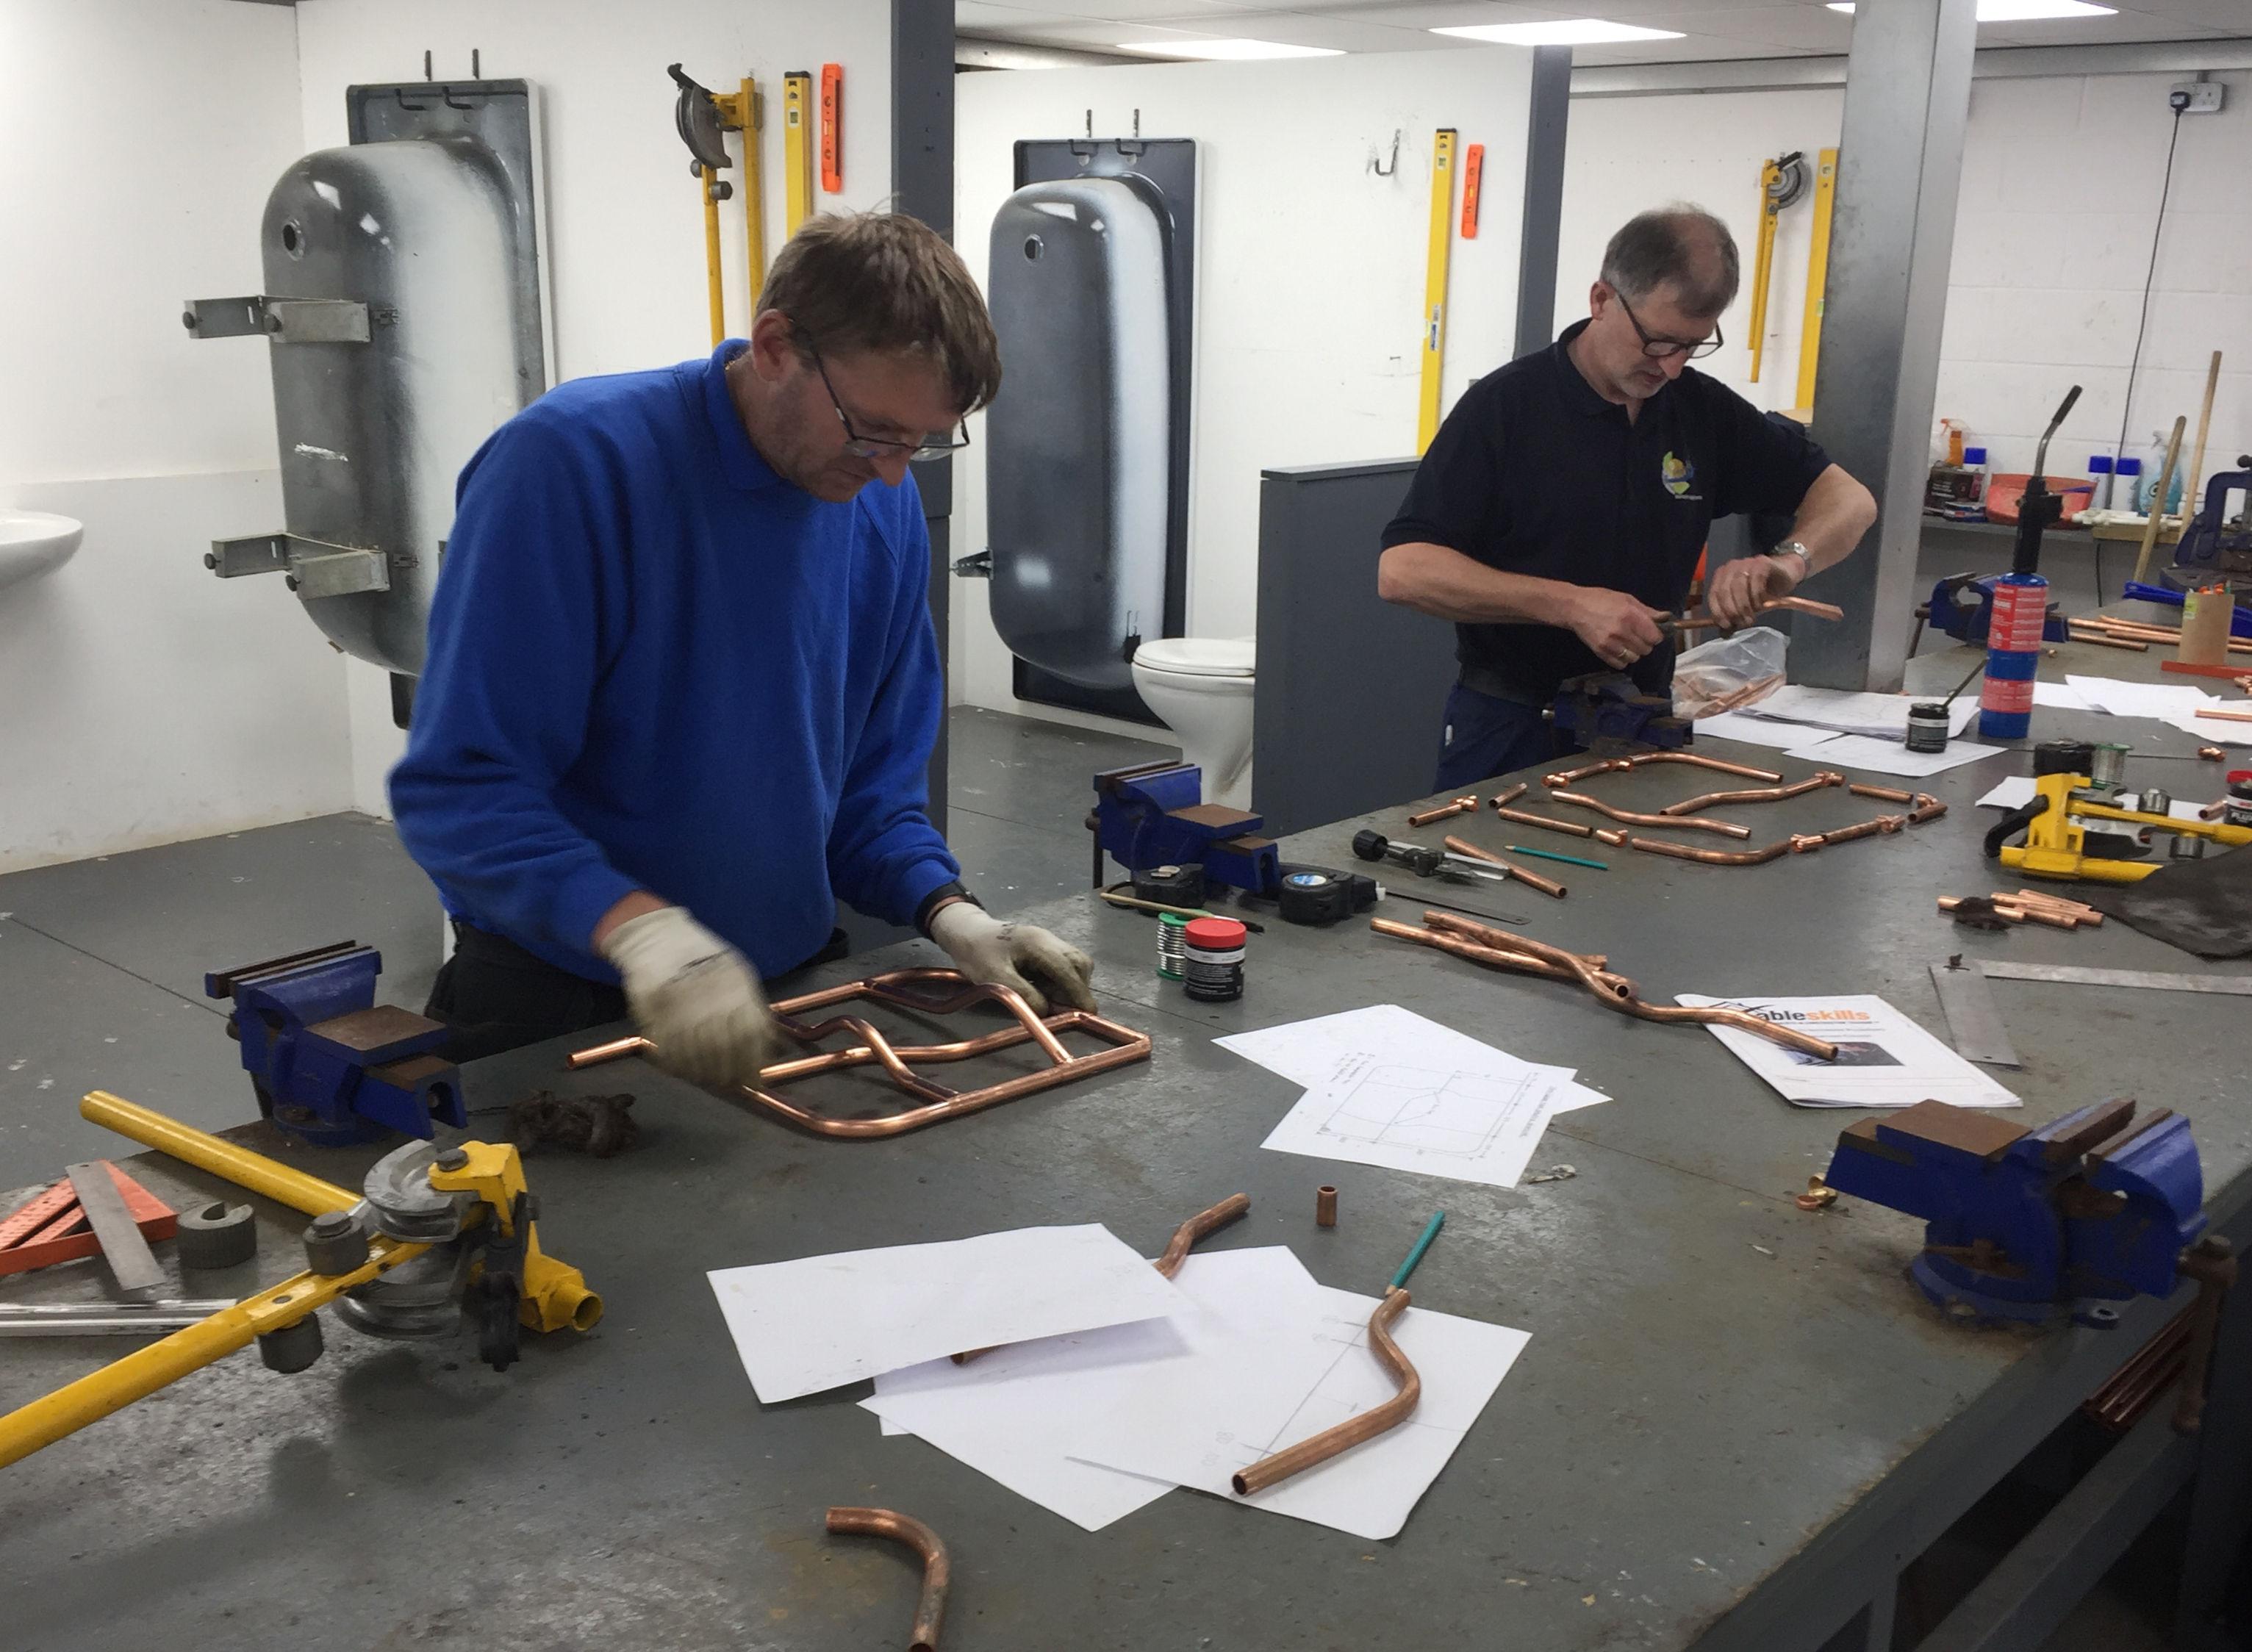 soldering plumbing courses